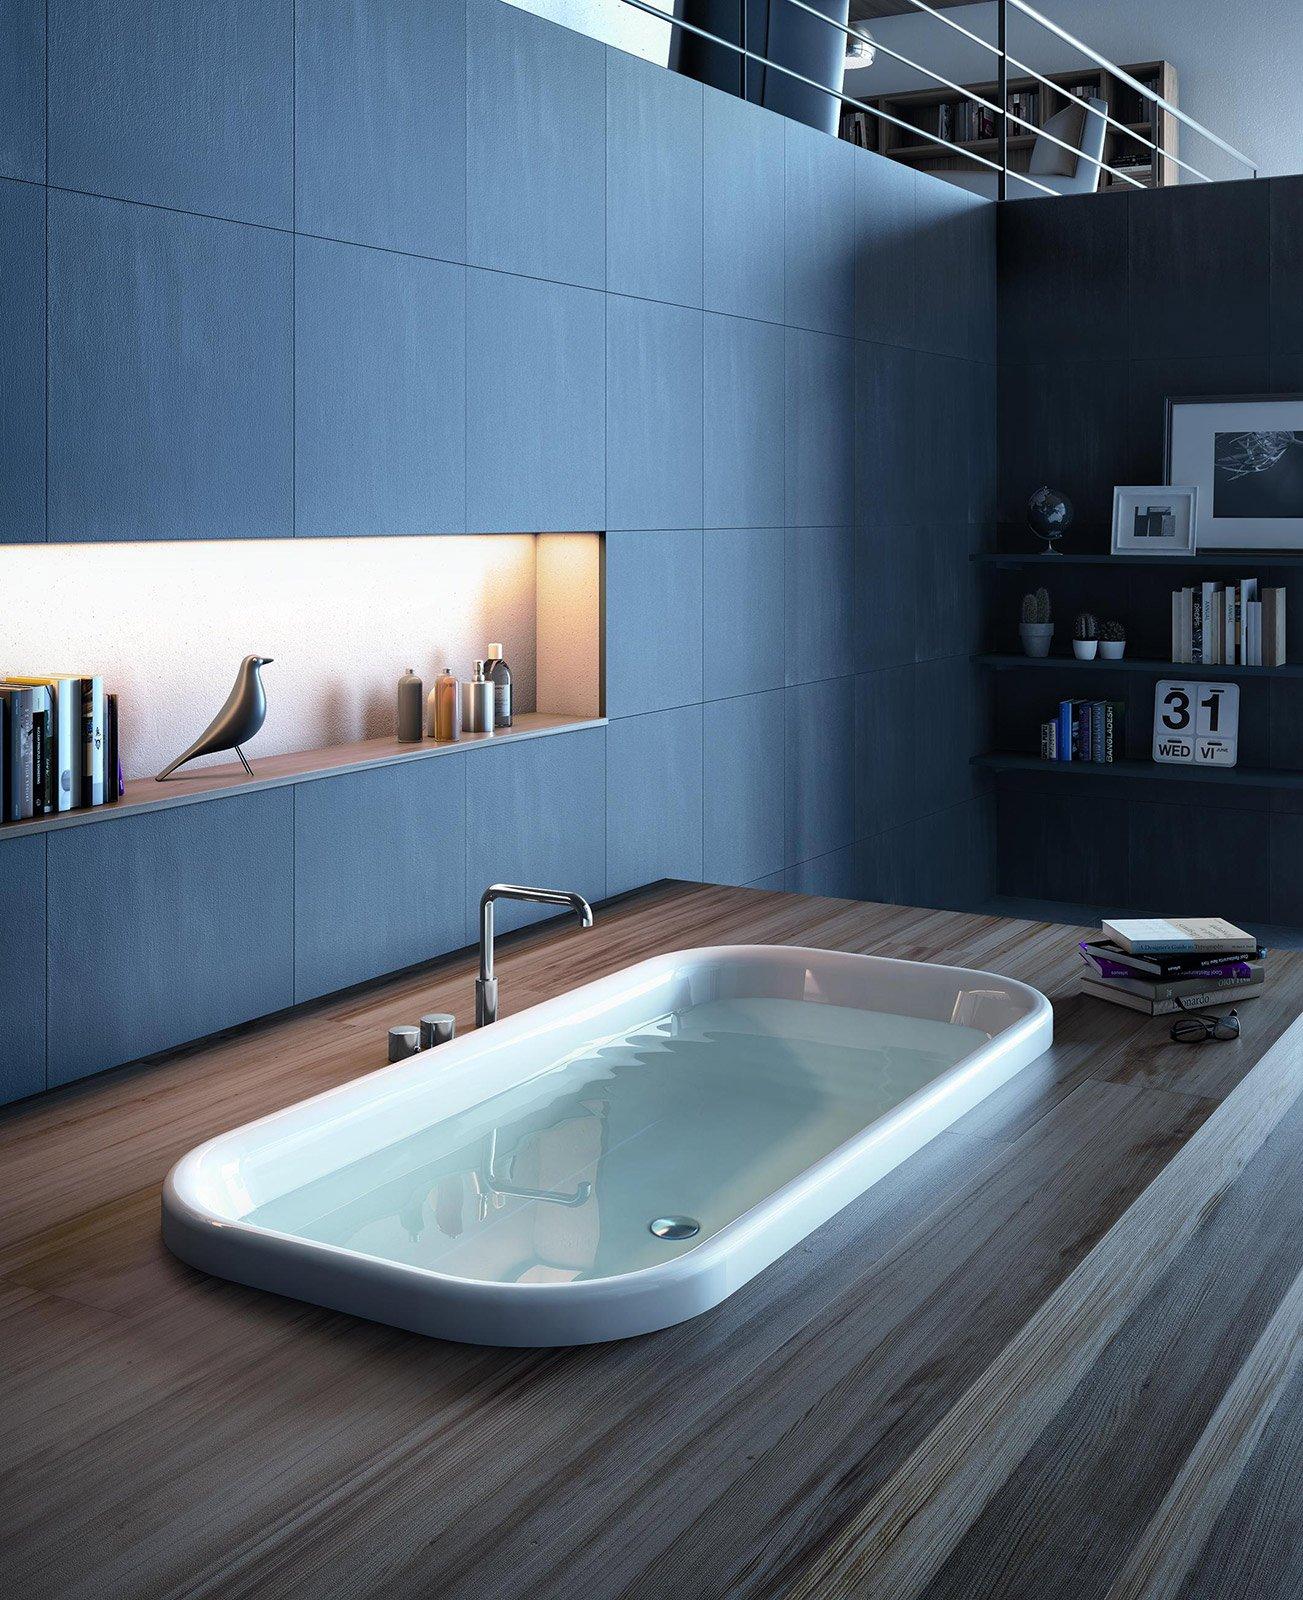 Vasche Idromassaggio Misure E Prezzi vasche idromassaggio: bollicine di benessere - cose di casa